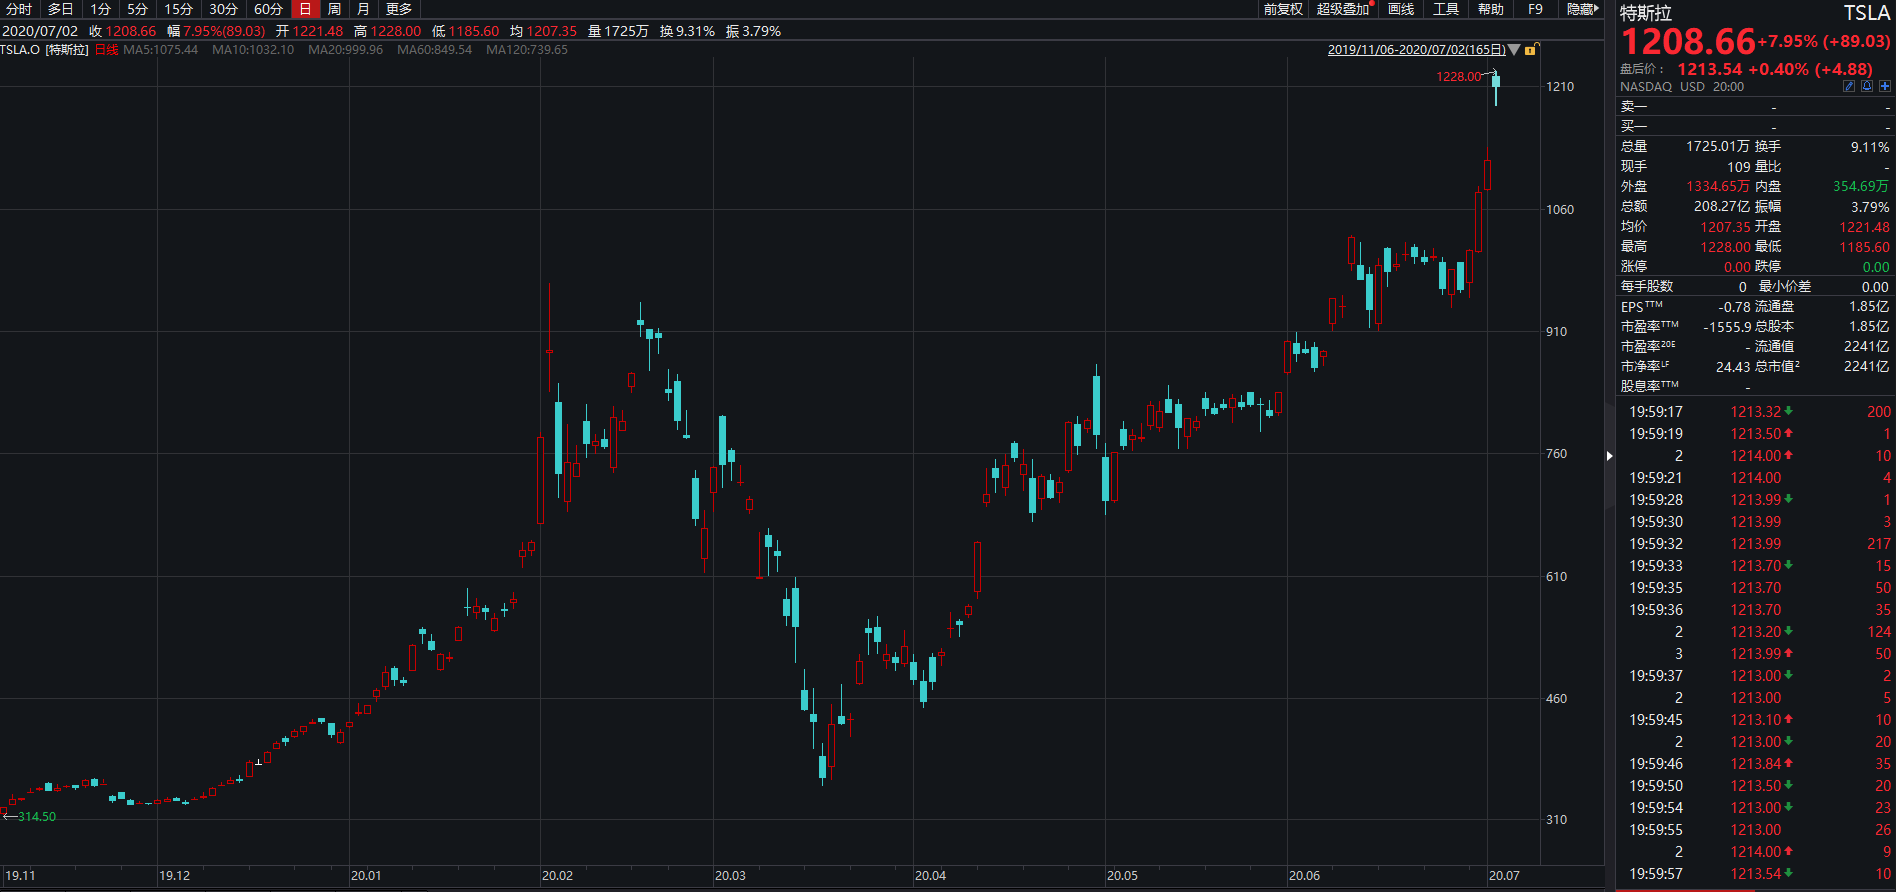 新高!机构上调特斯拉目标股价至2000美元